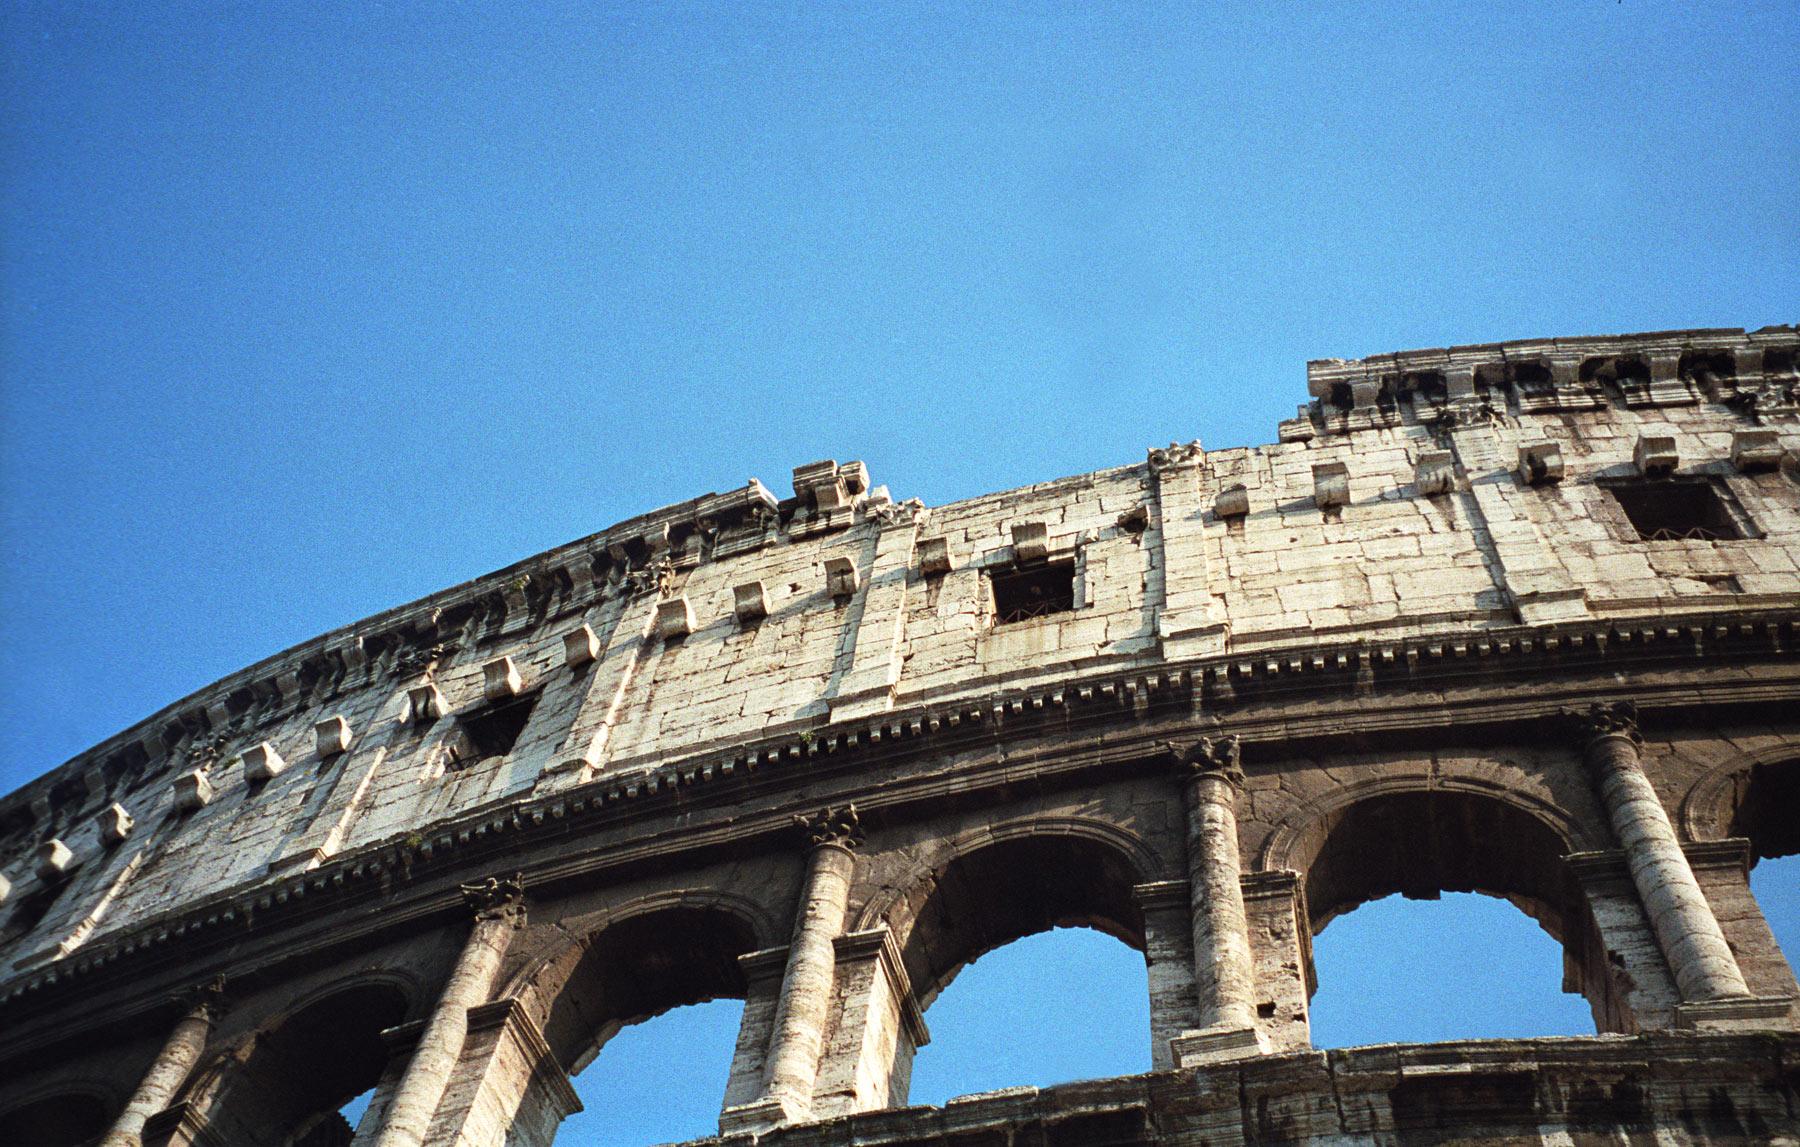 Italy_Rome_Colluseium.jpg